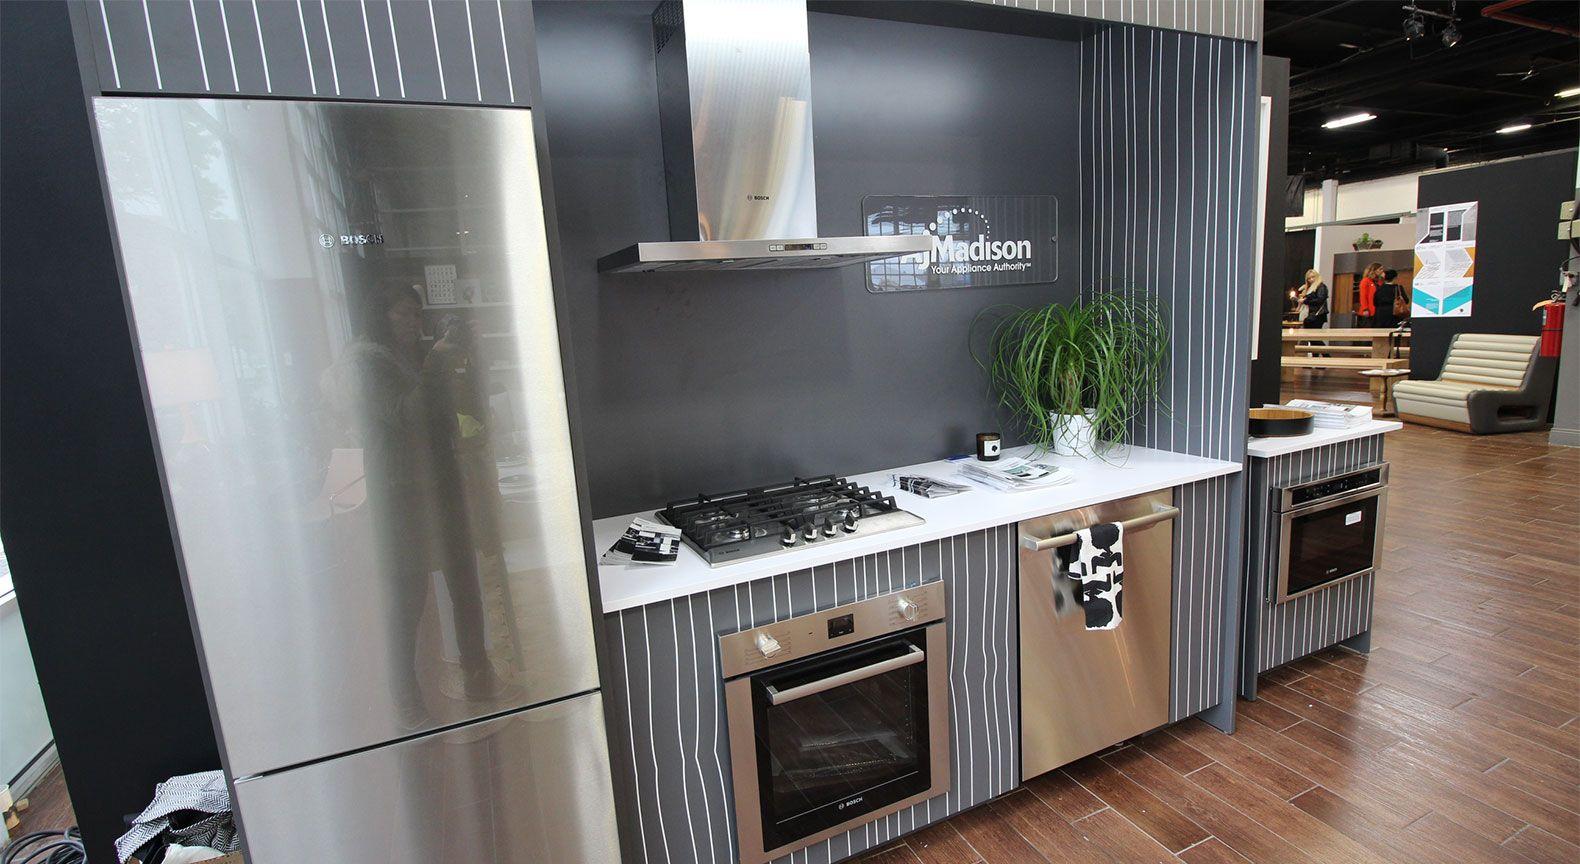 Best Studio Apartment Appliances Photos - Decorating Interior ...